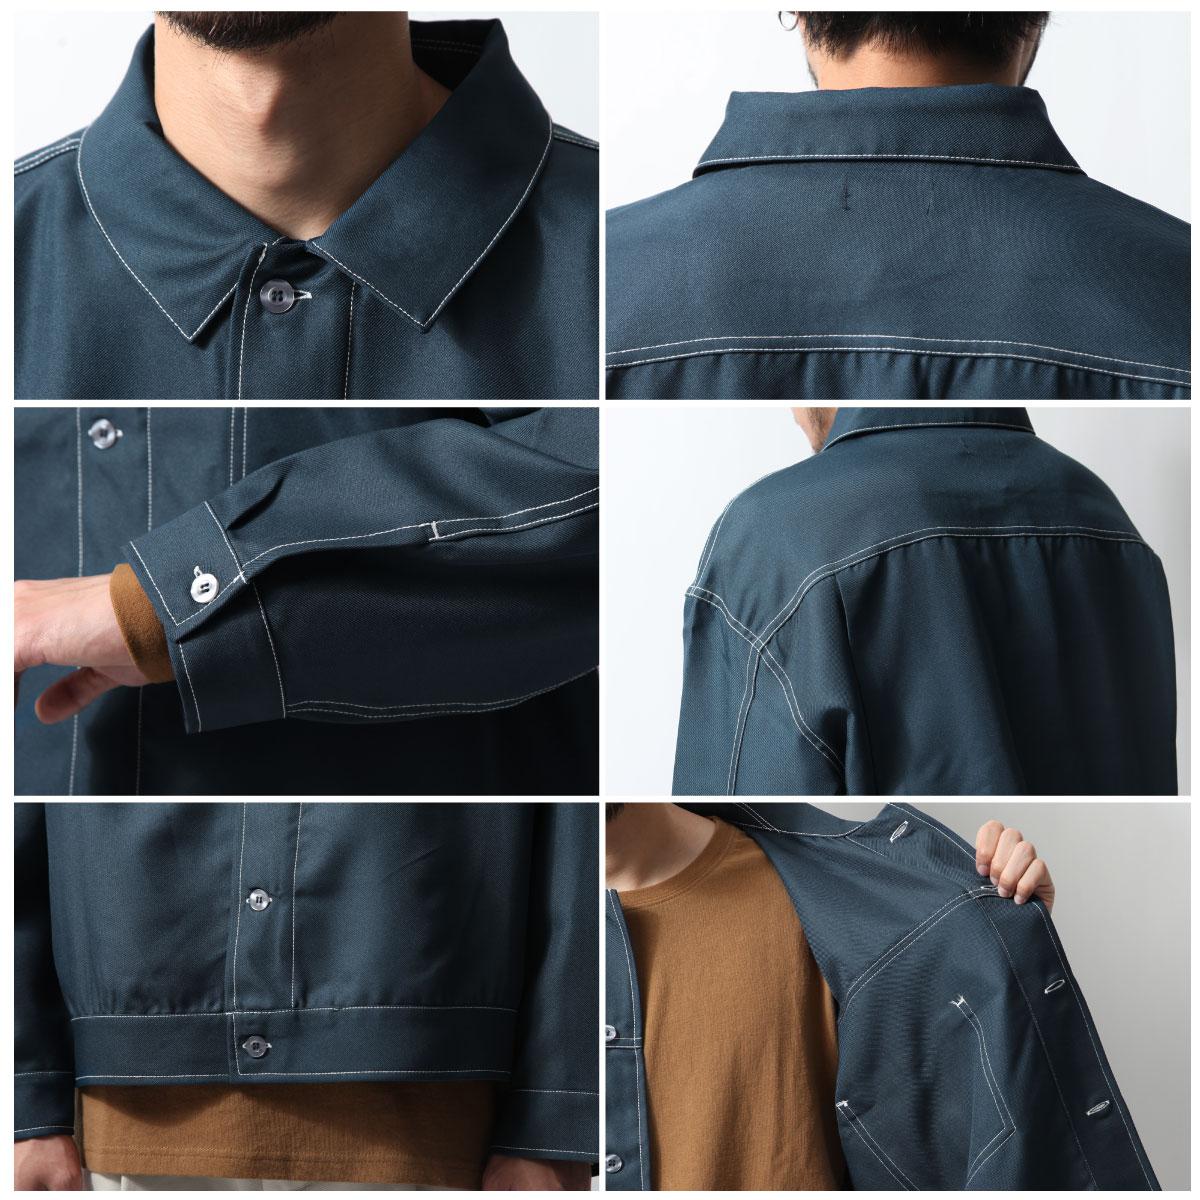 寬版外套襯衫 4